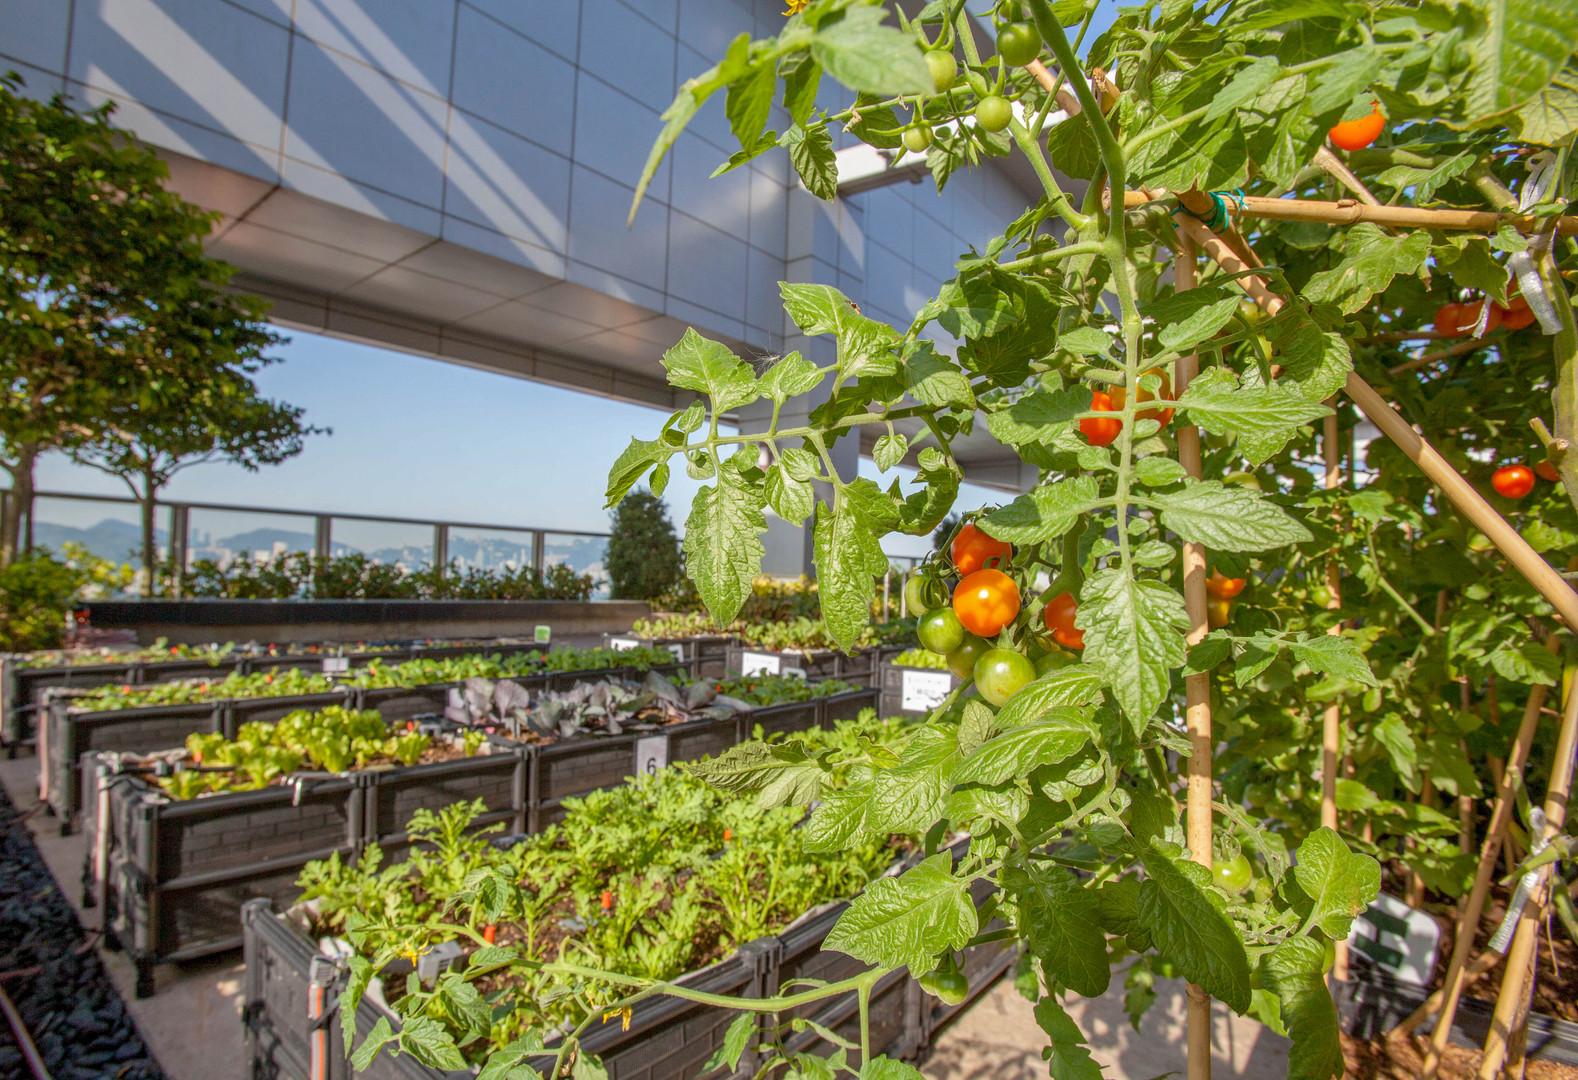 Rooftop Republic Urban Farm in Kwun Tong